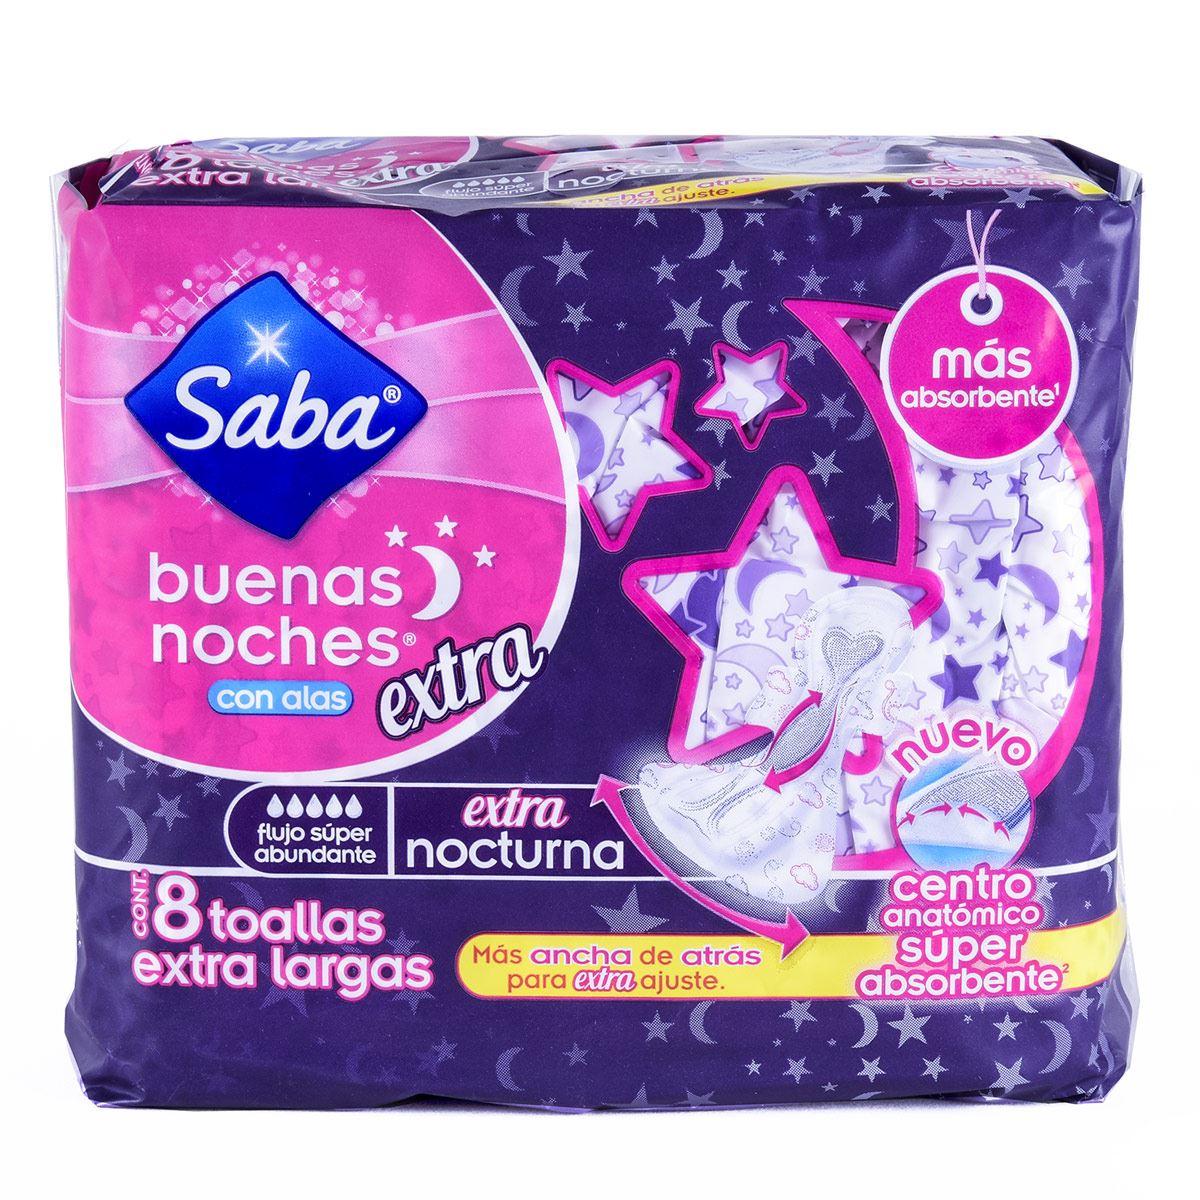 Saba Buenas Noches Extra Nocturna con Alas con 8 Pzs.